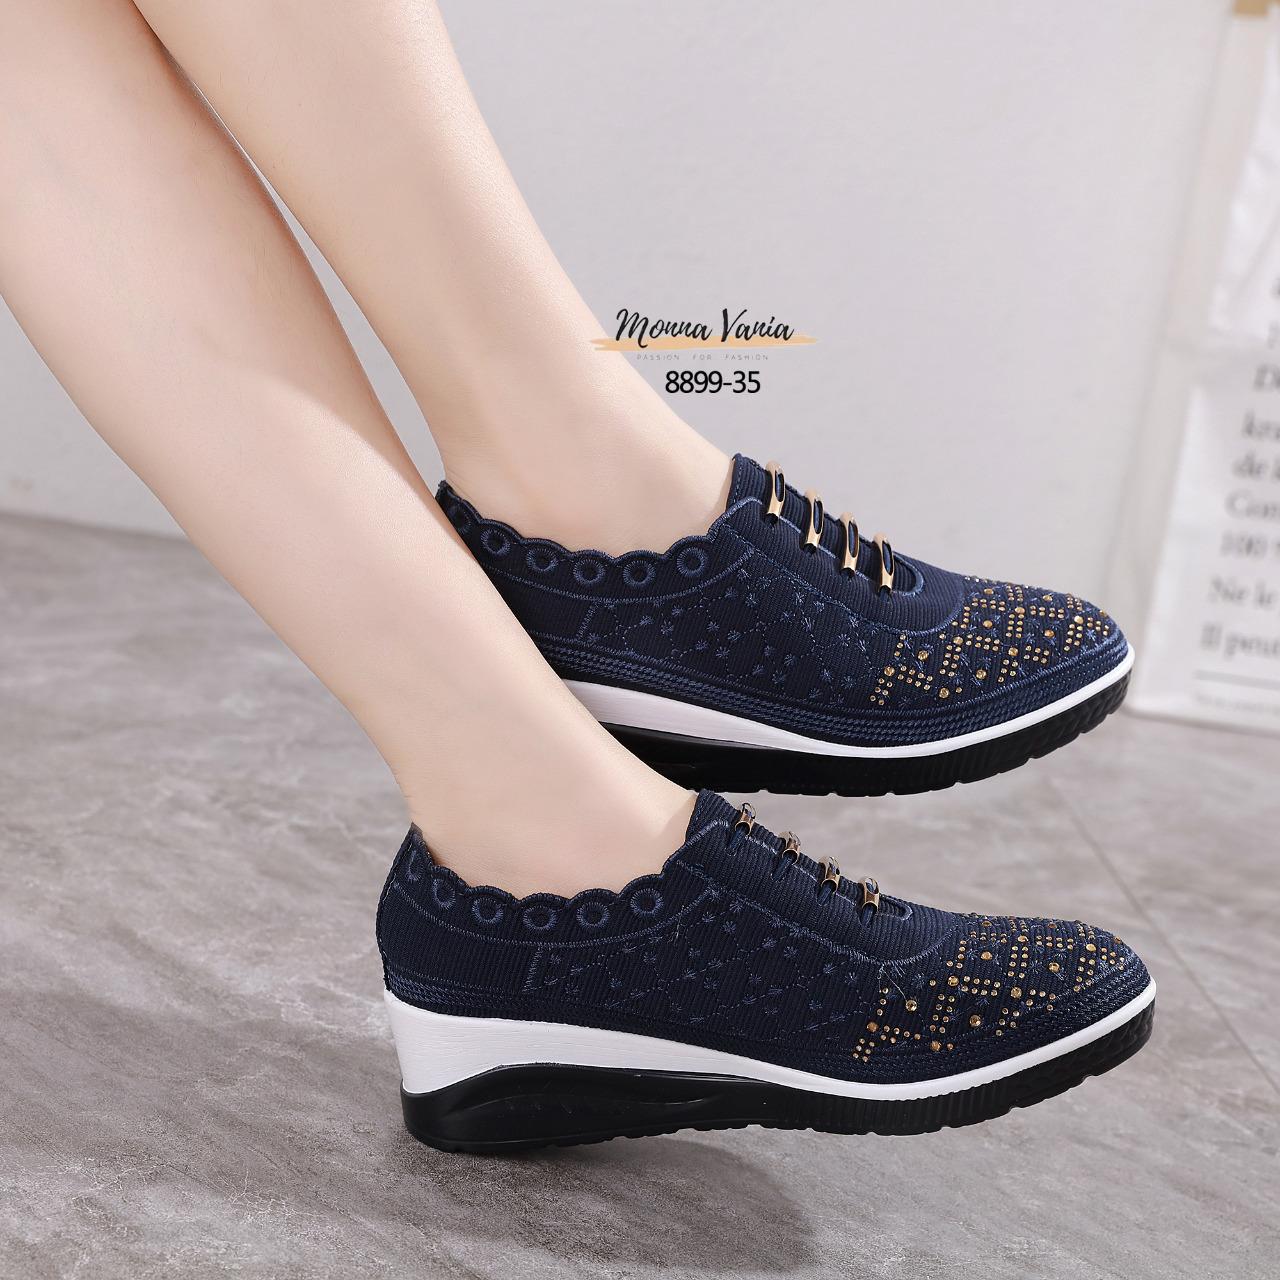 sepatu wanita batam 2020 8899-35H4sepatu wanita branded batam,sepatu wanita shopee,sepatu wanita casual